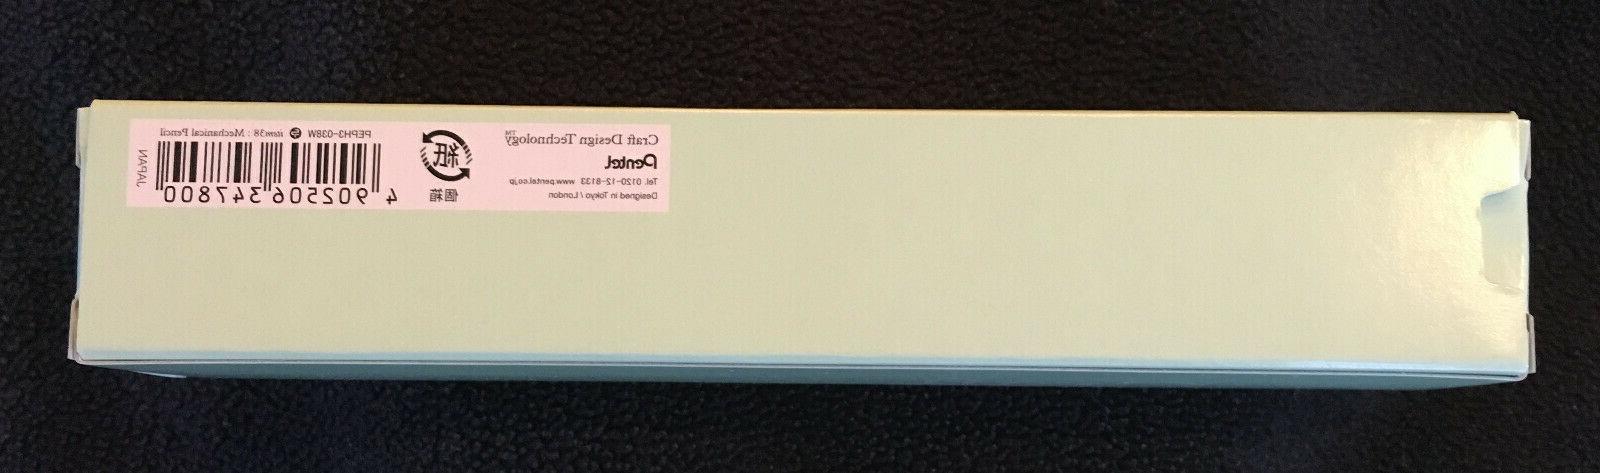 Pentel 5 Sharp Kerry CDT 0.5mm Pencil Cap   Craft Technology